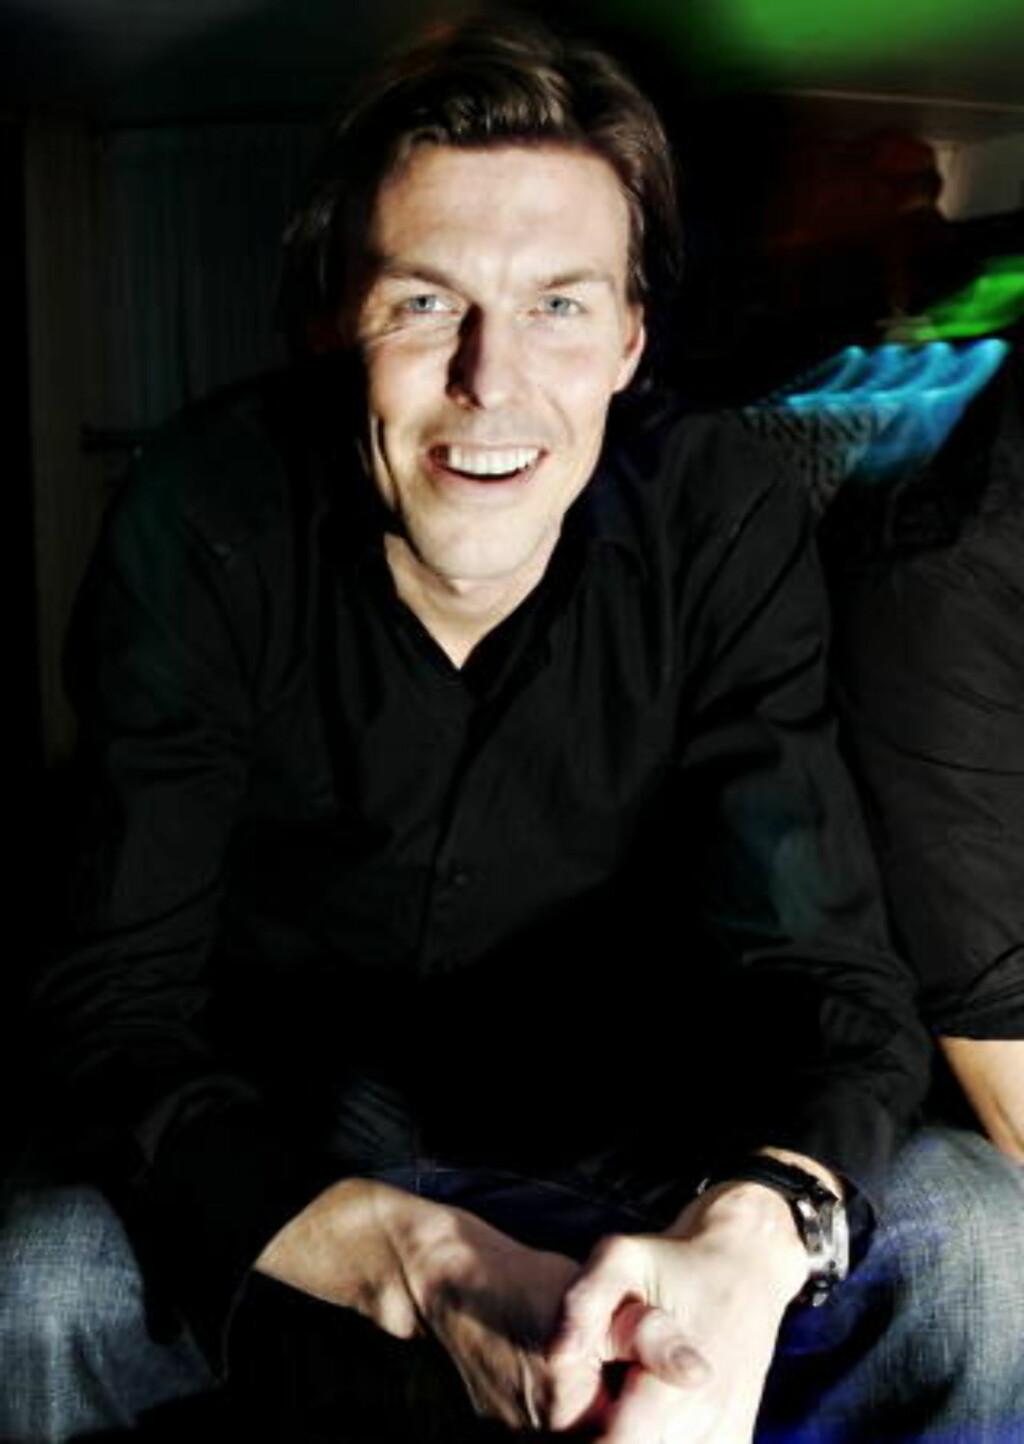 REALISME - IKKE RASISME: Bo Vivike (37) eier en rekke utesteder i Oslo og sier klart i fra om hvem han mener står bak vold og trusler. Foto: Frank Karlsen / Dagbladet